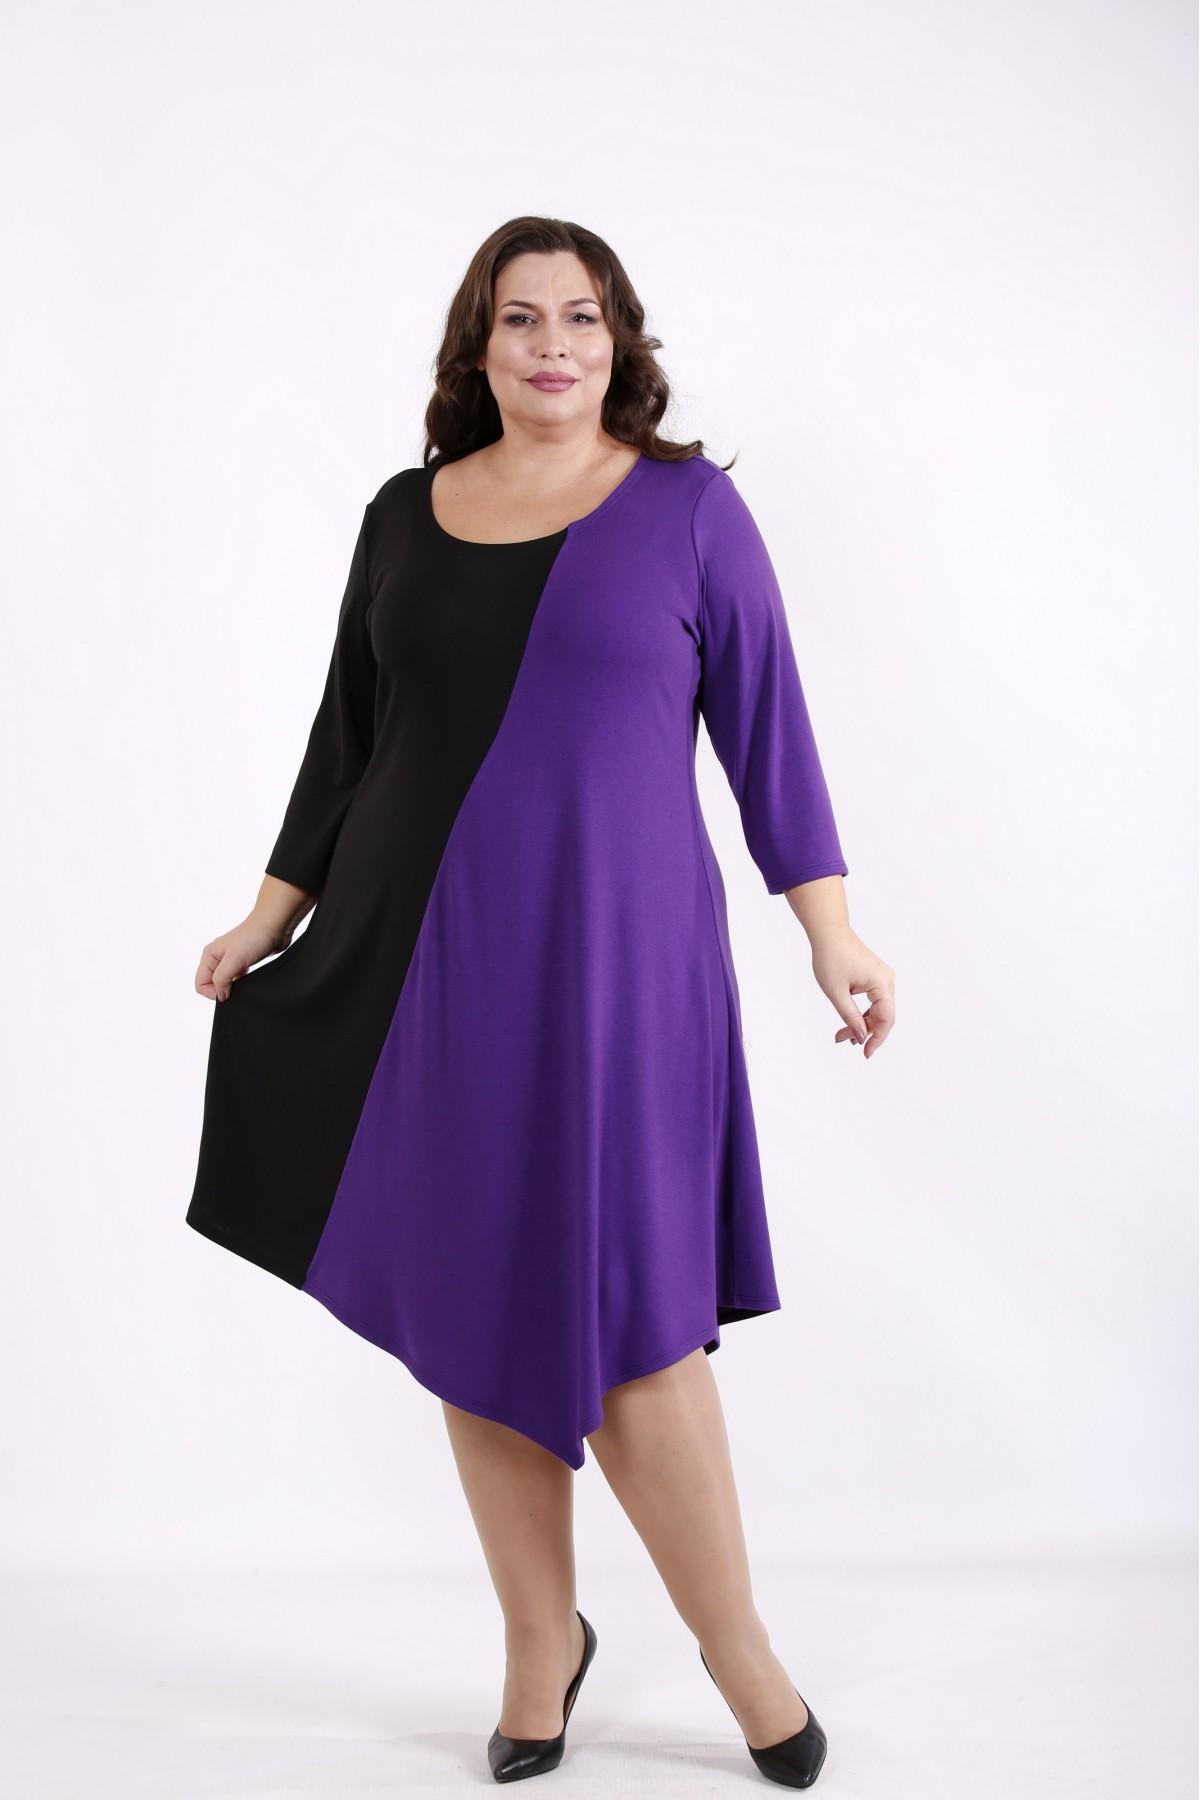 01719-1 | Черно-фиолетовое комбинированное платье